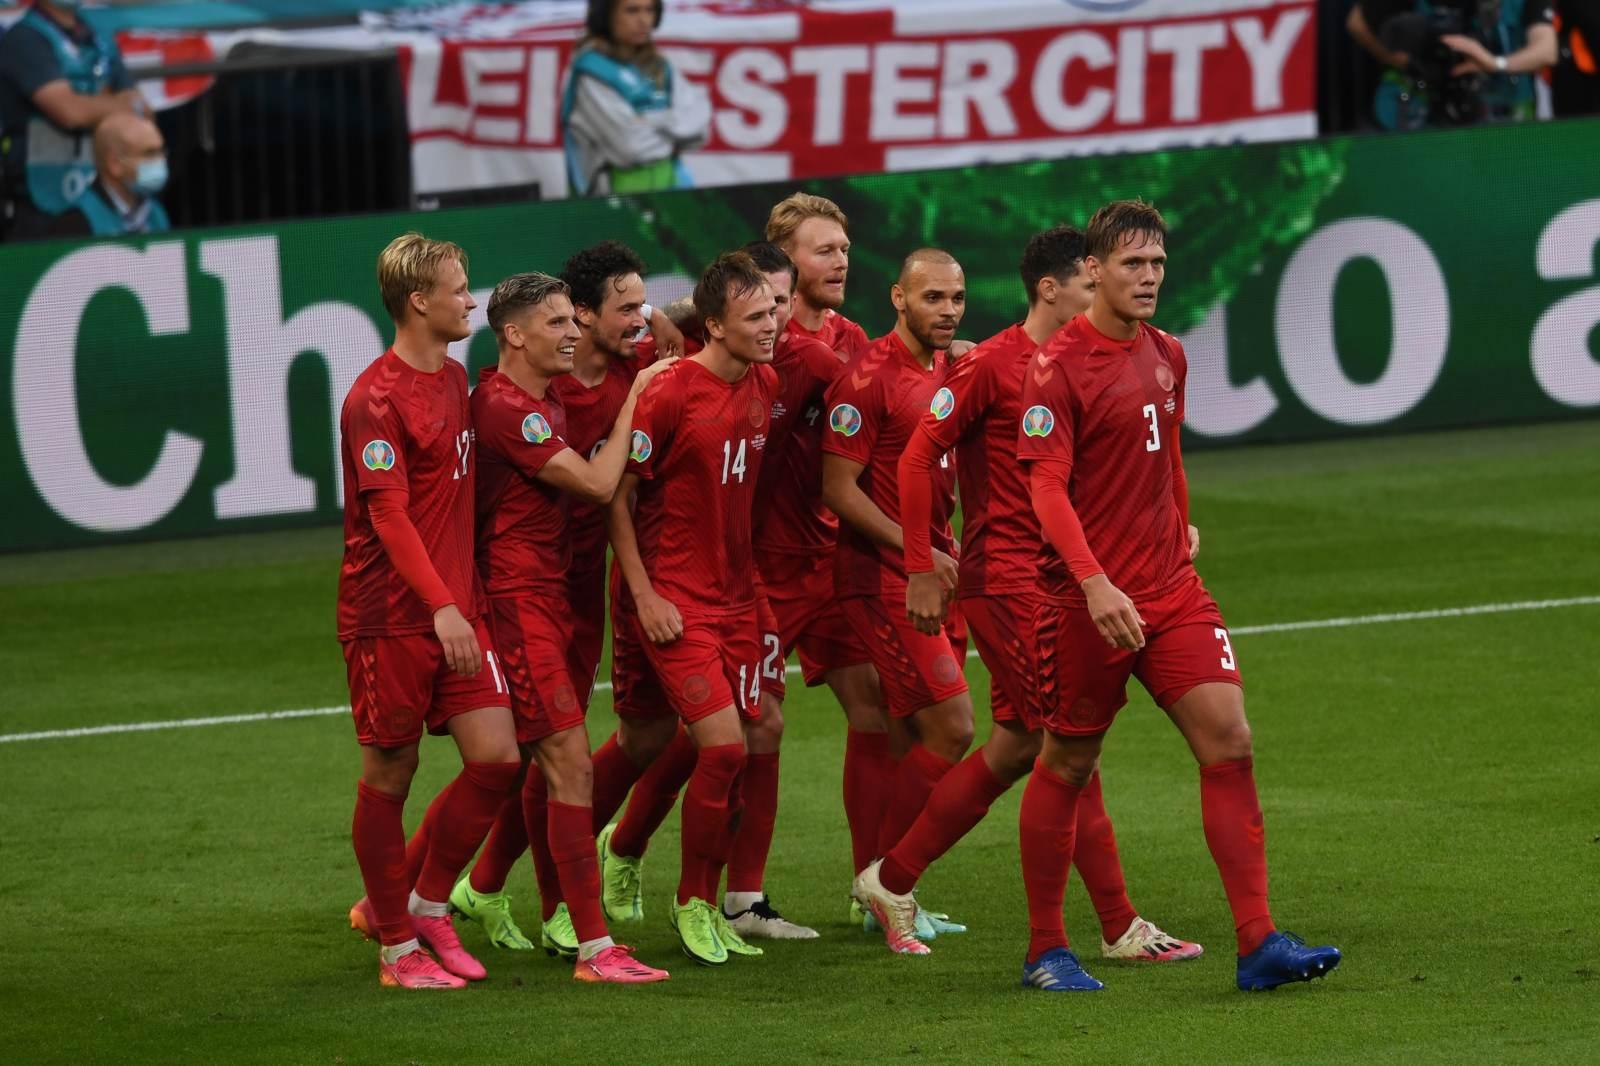 Тренер сборной Дании: «Неприятно покидать чемпионат Европы таким образом»